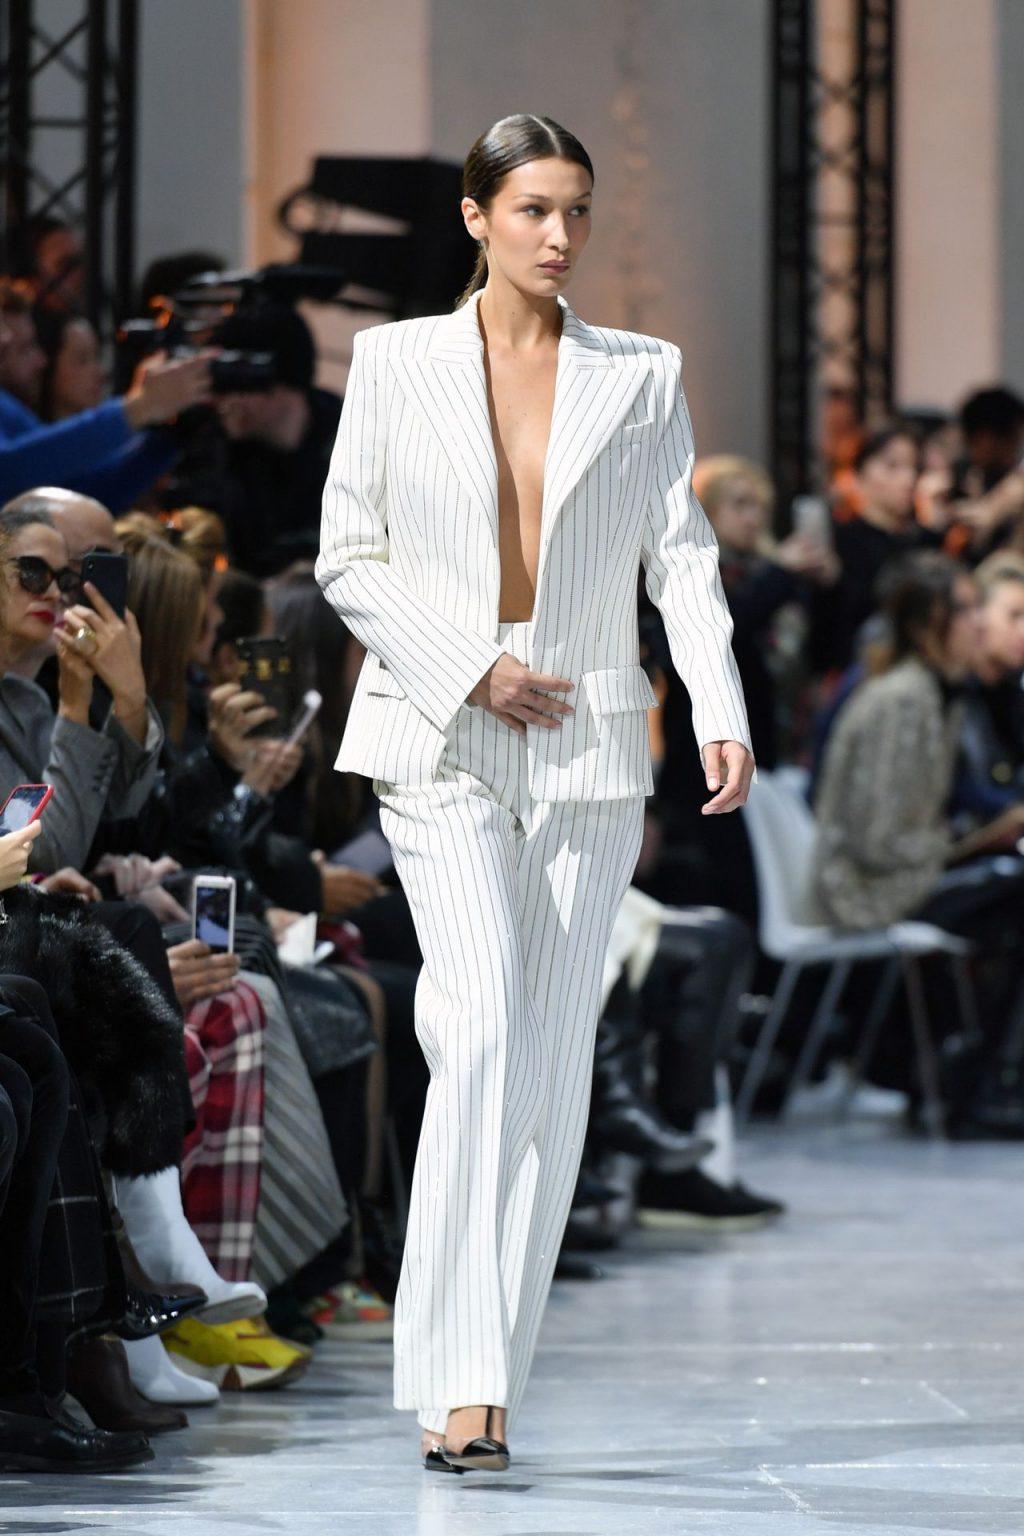 Bella Hadid Walks The Runway Braless (32 Photos)